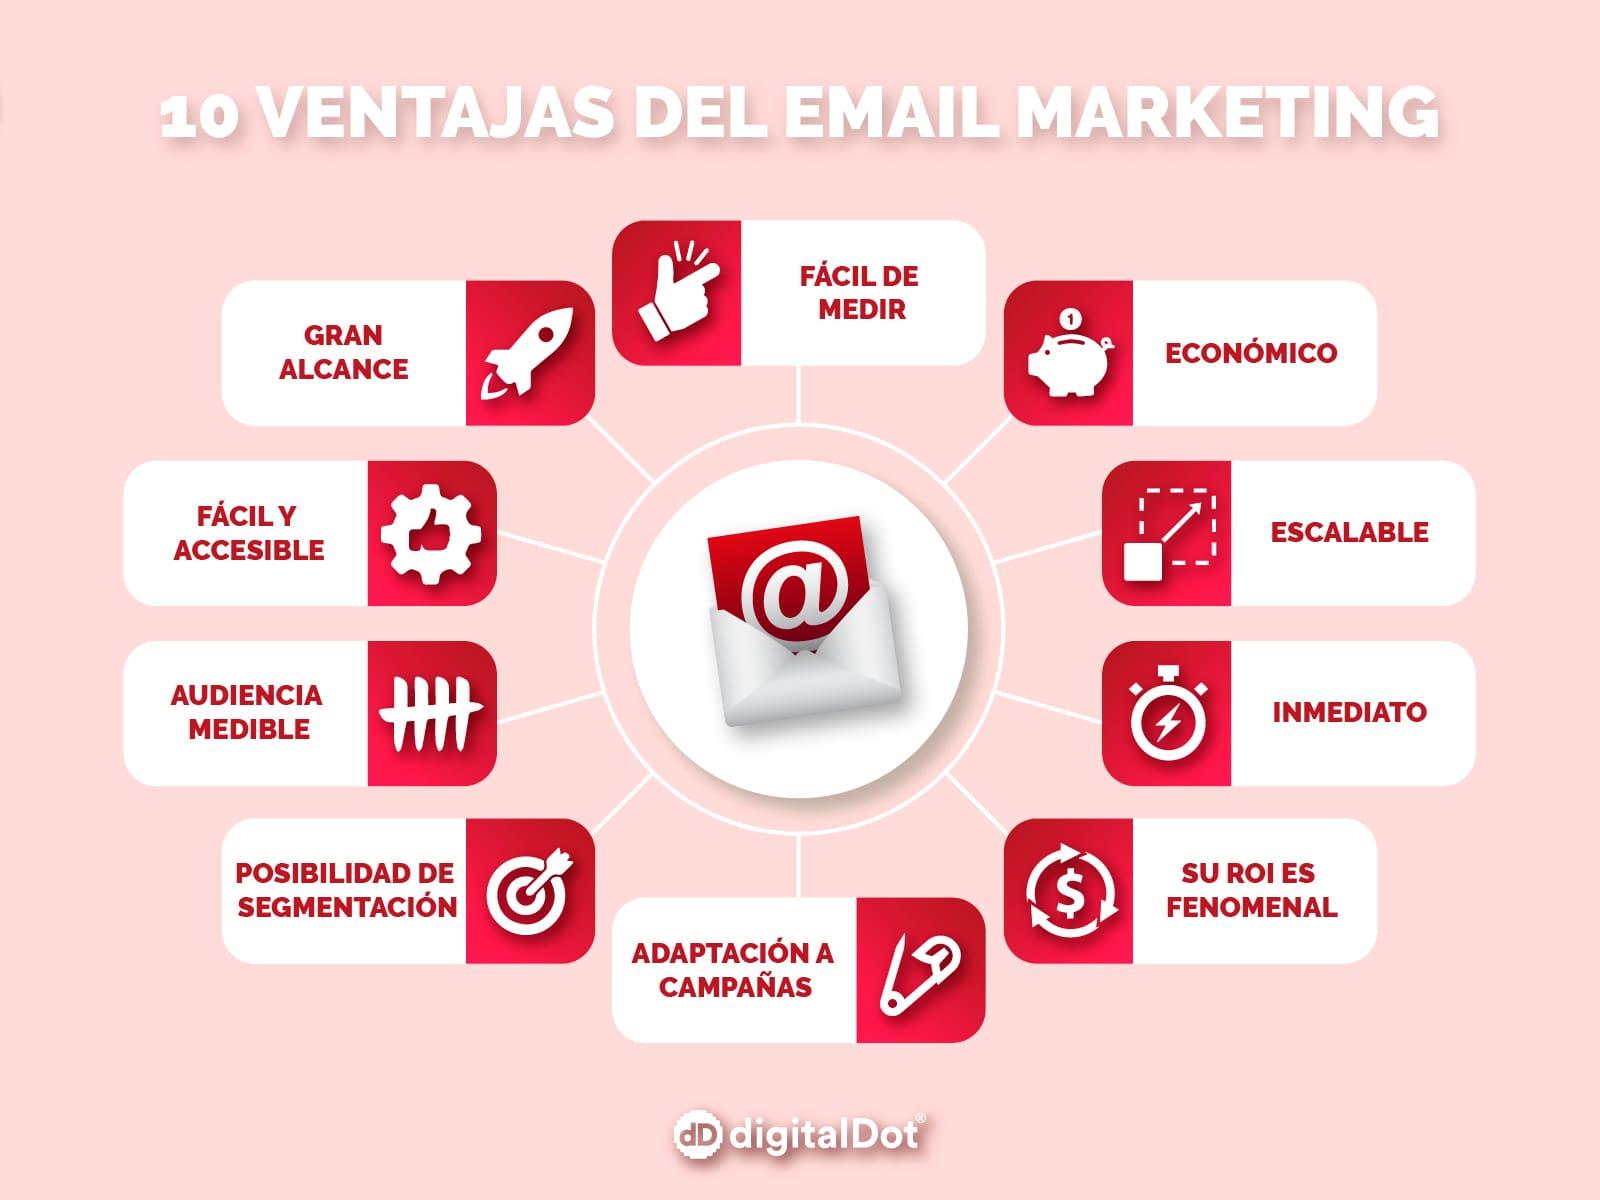 Ventajas campañas email marketing